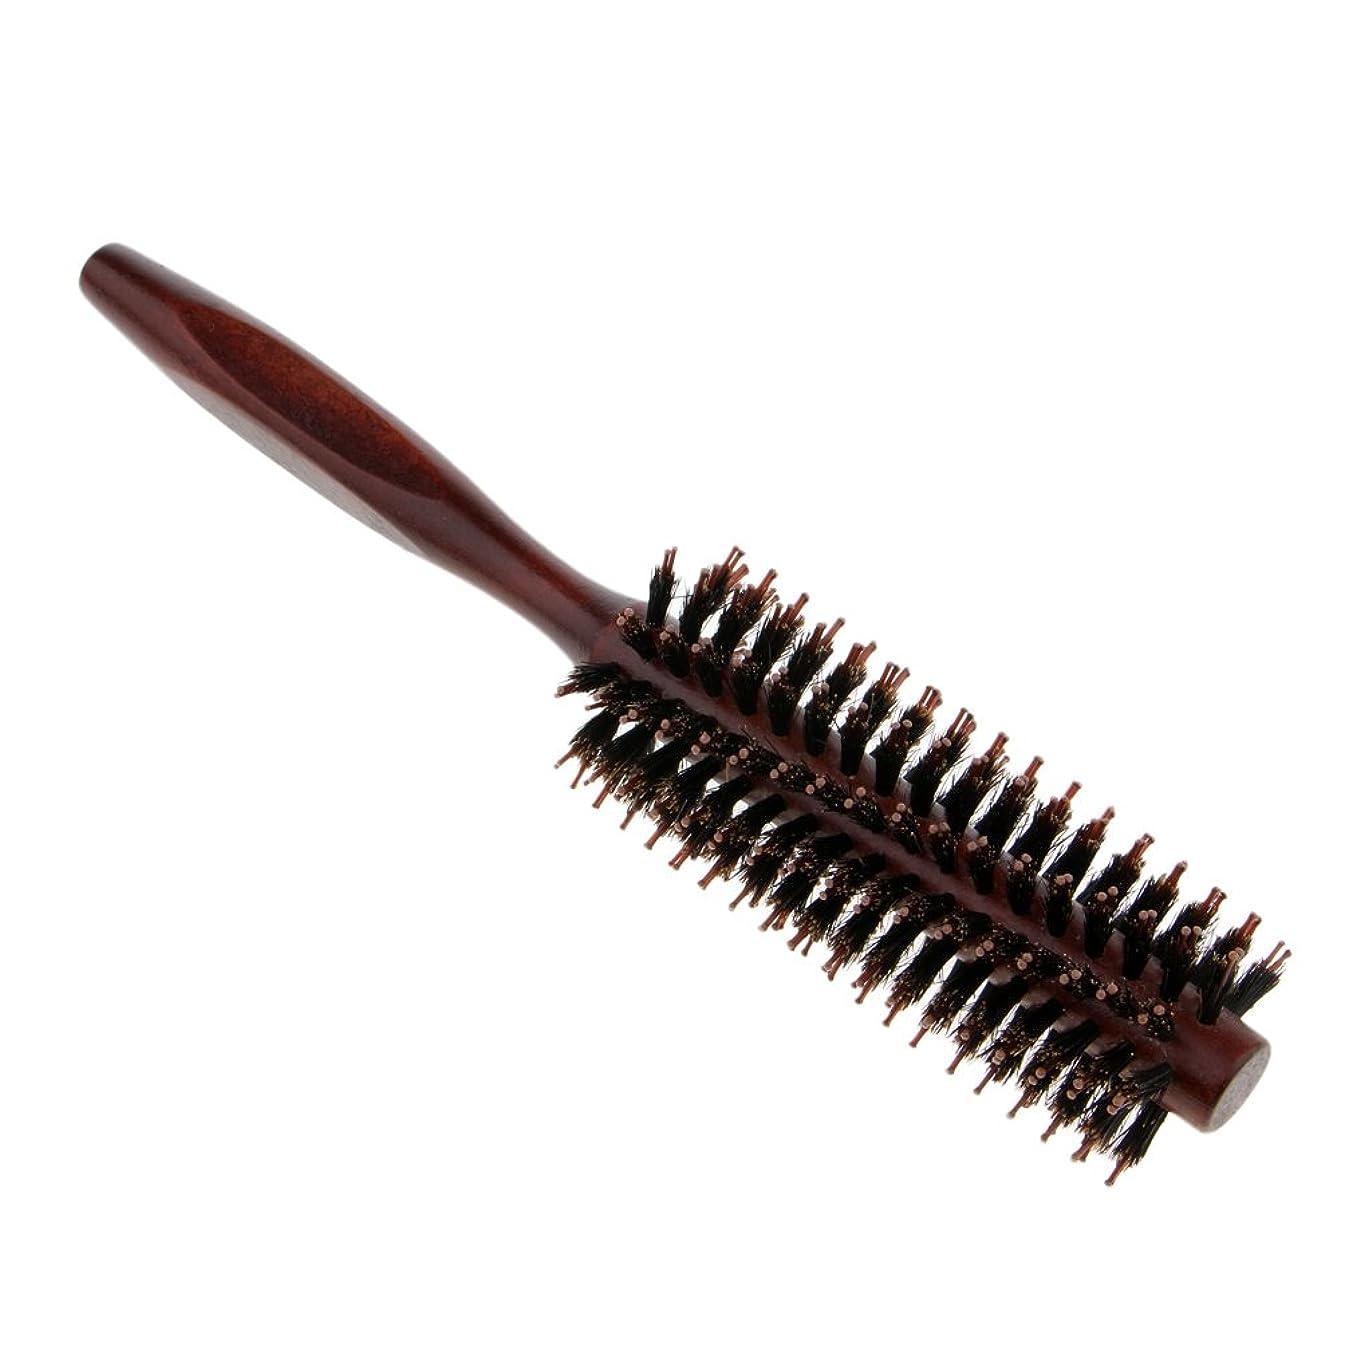 子供っぽい調和のとれた喜ぶPerfeclan ラウンドヘアブラシ 木製ハンドル 丸い 櫛 自然な毛 整髪 ヘアブラシ 2タイプ選べ - #2